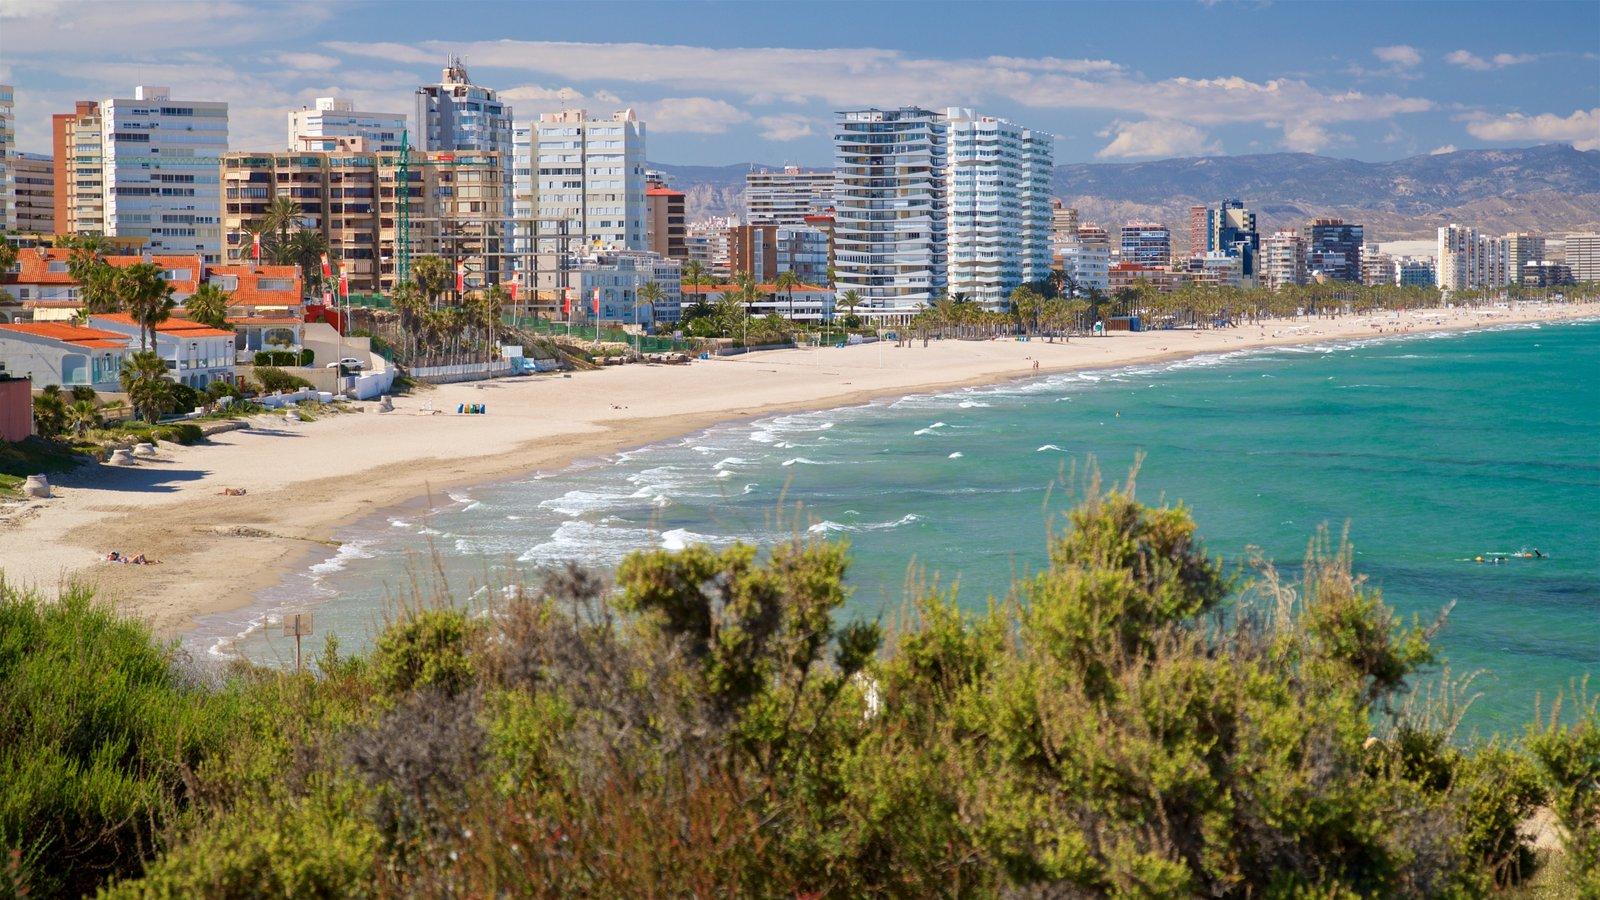 Cabo de las Huertas mostrando vistas de paisajes, una playa de arena y una ciudad costera